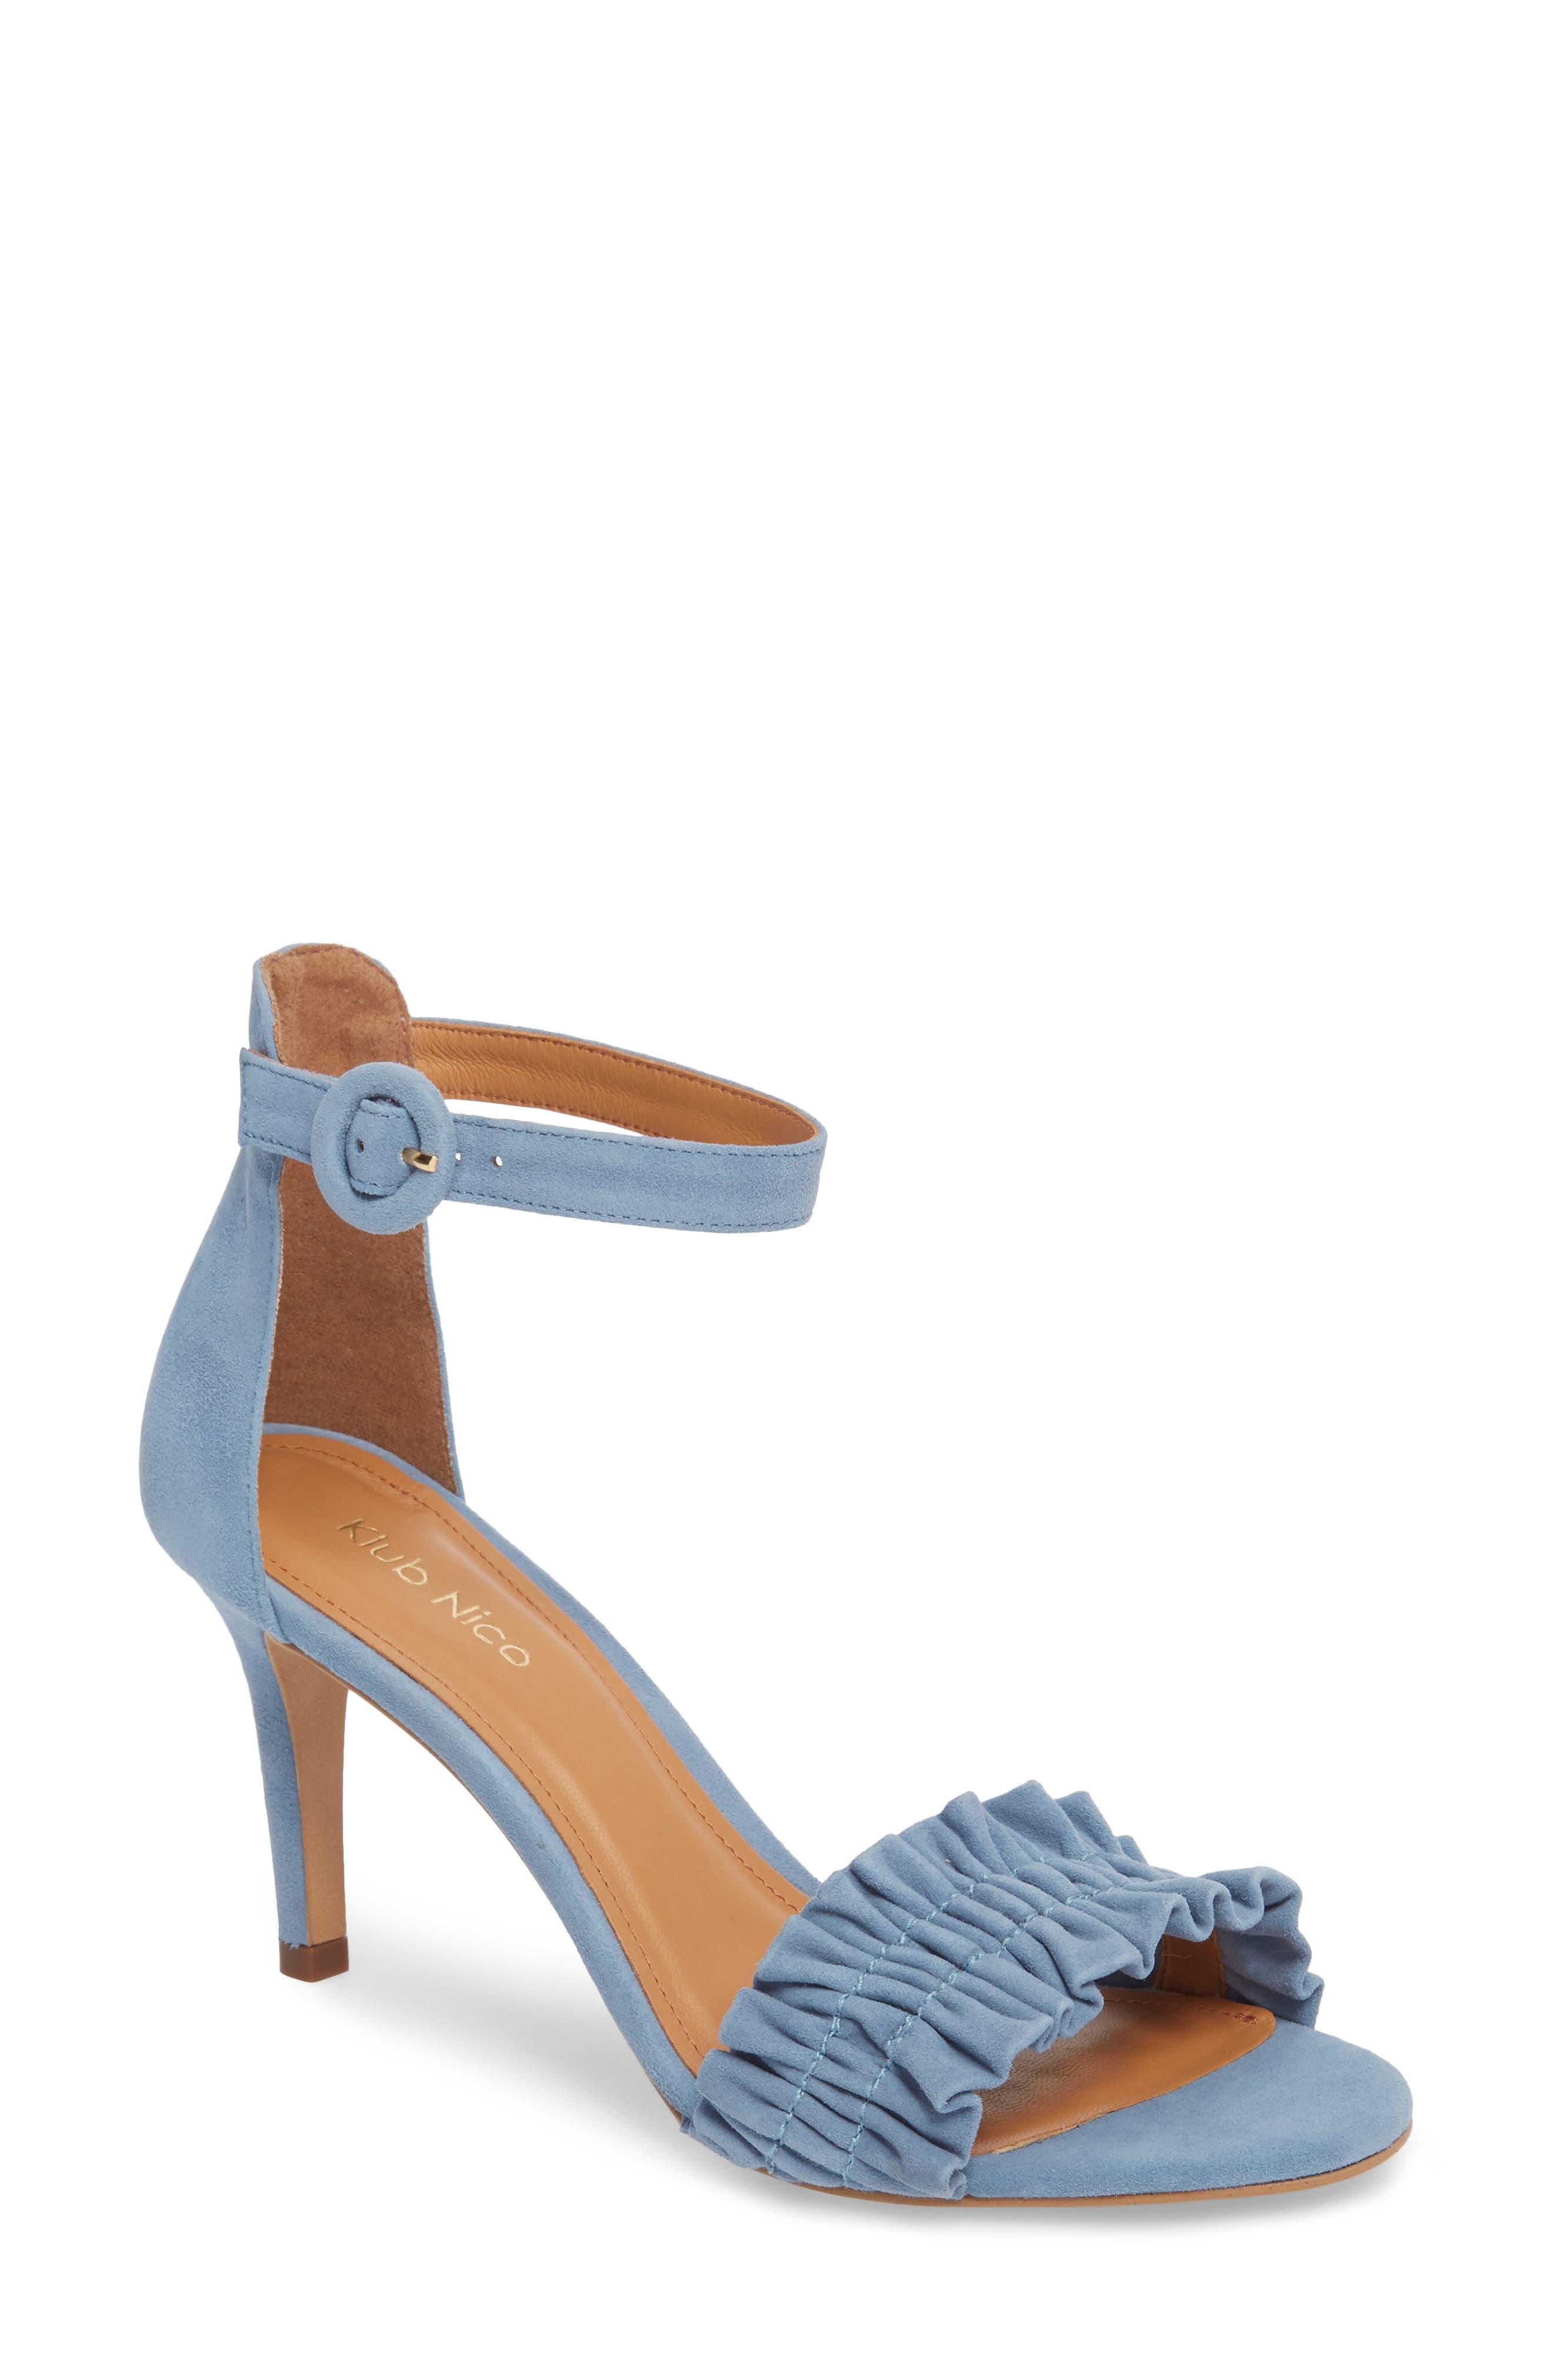 Klub Nico Arlow Sandal, Blue